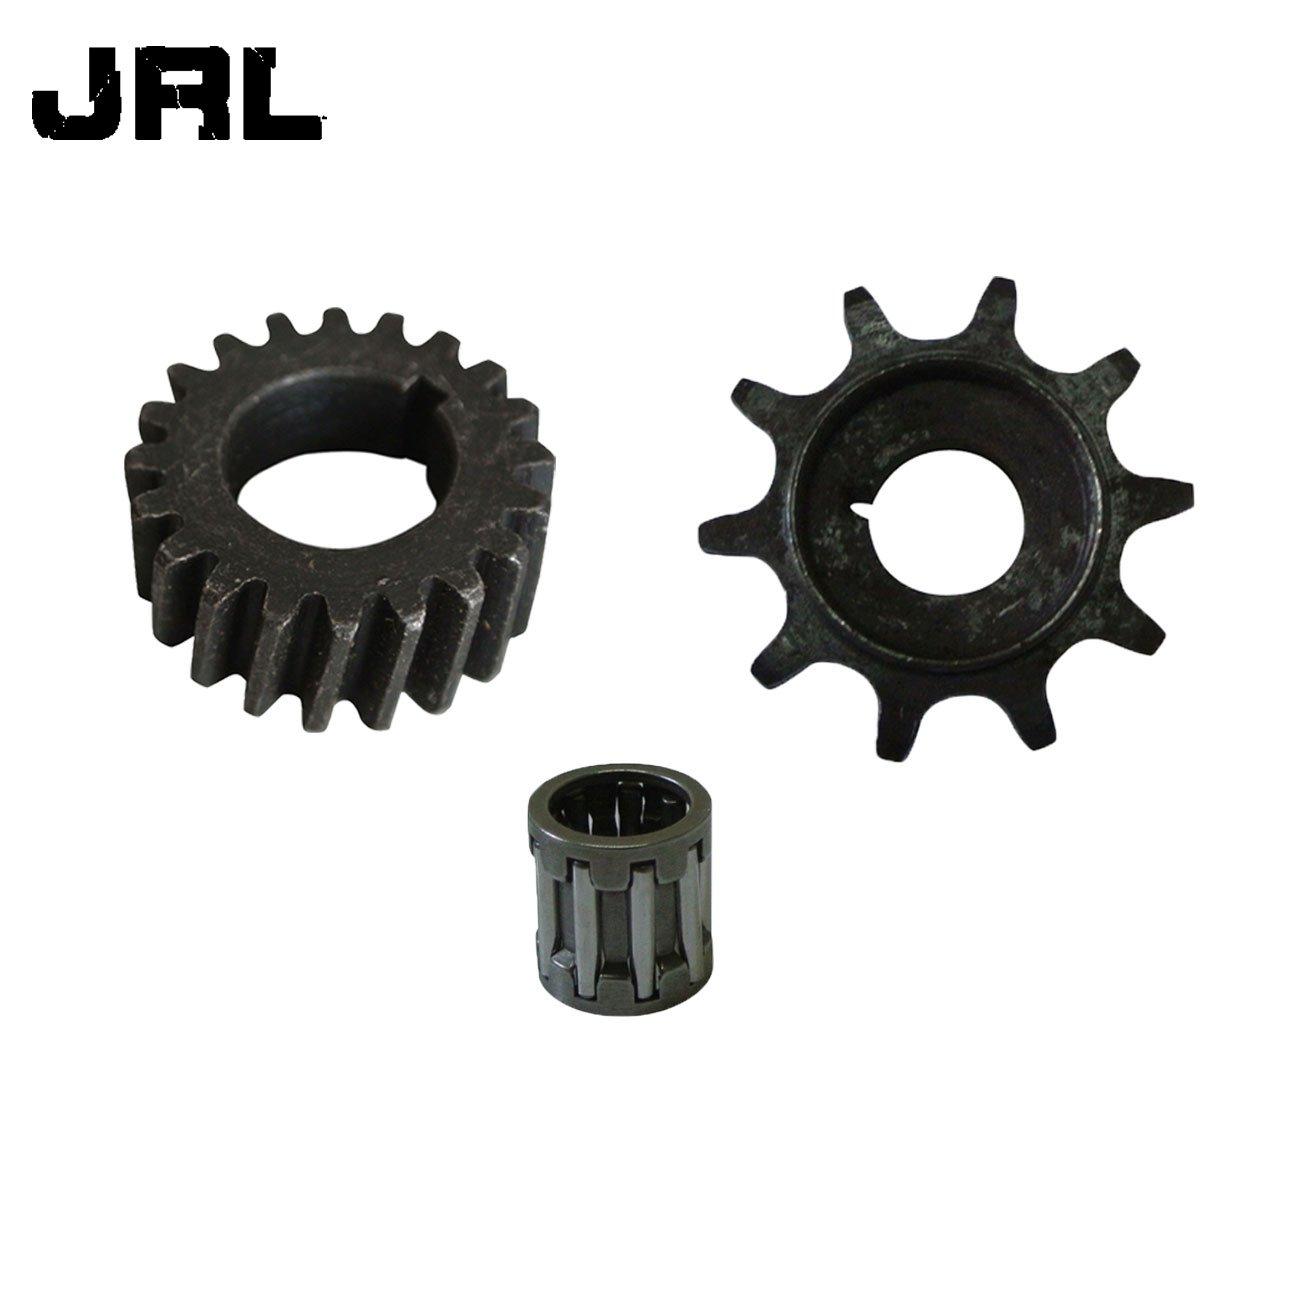 JRL CNC 36T Sprocket Assembly WT Cylinder Head Cover Kit For 80cc Motorized Bike Black